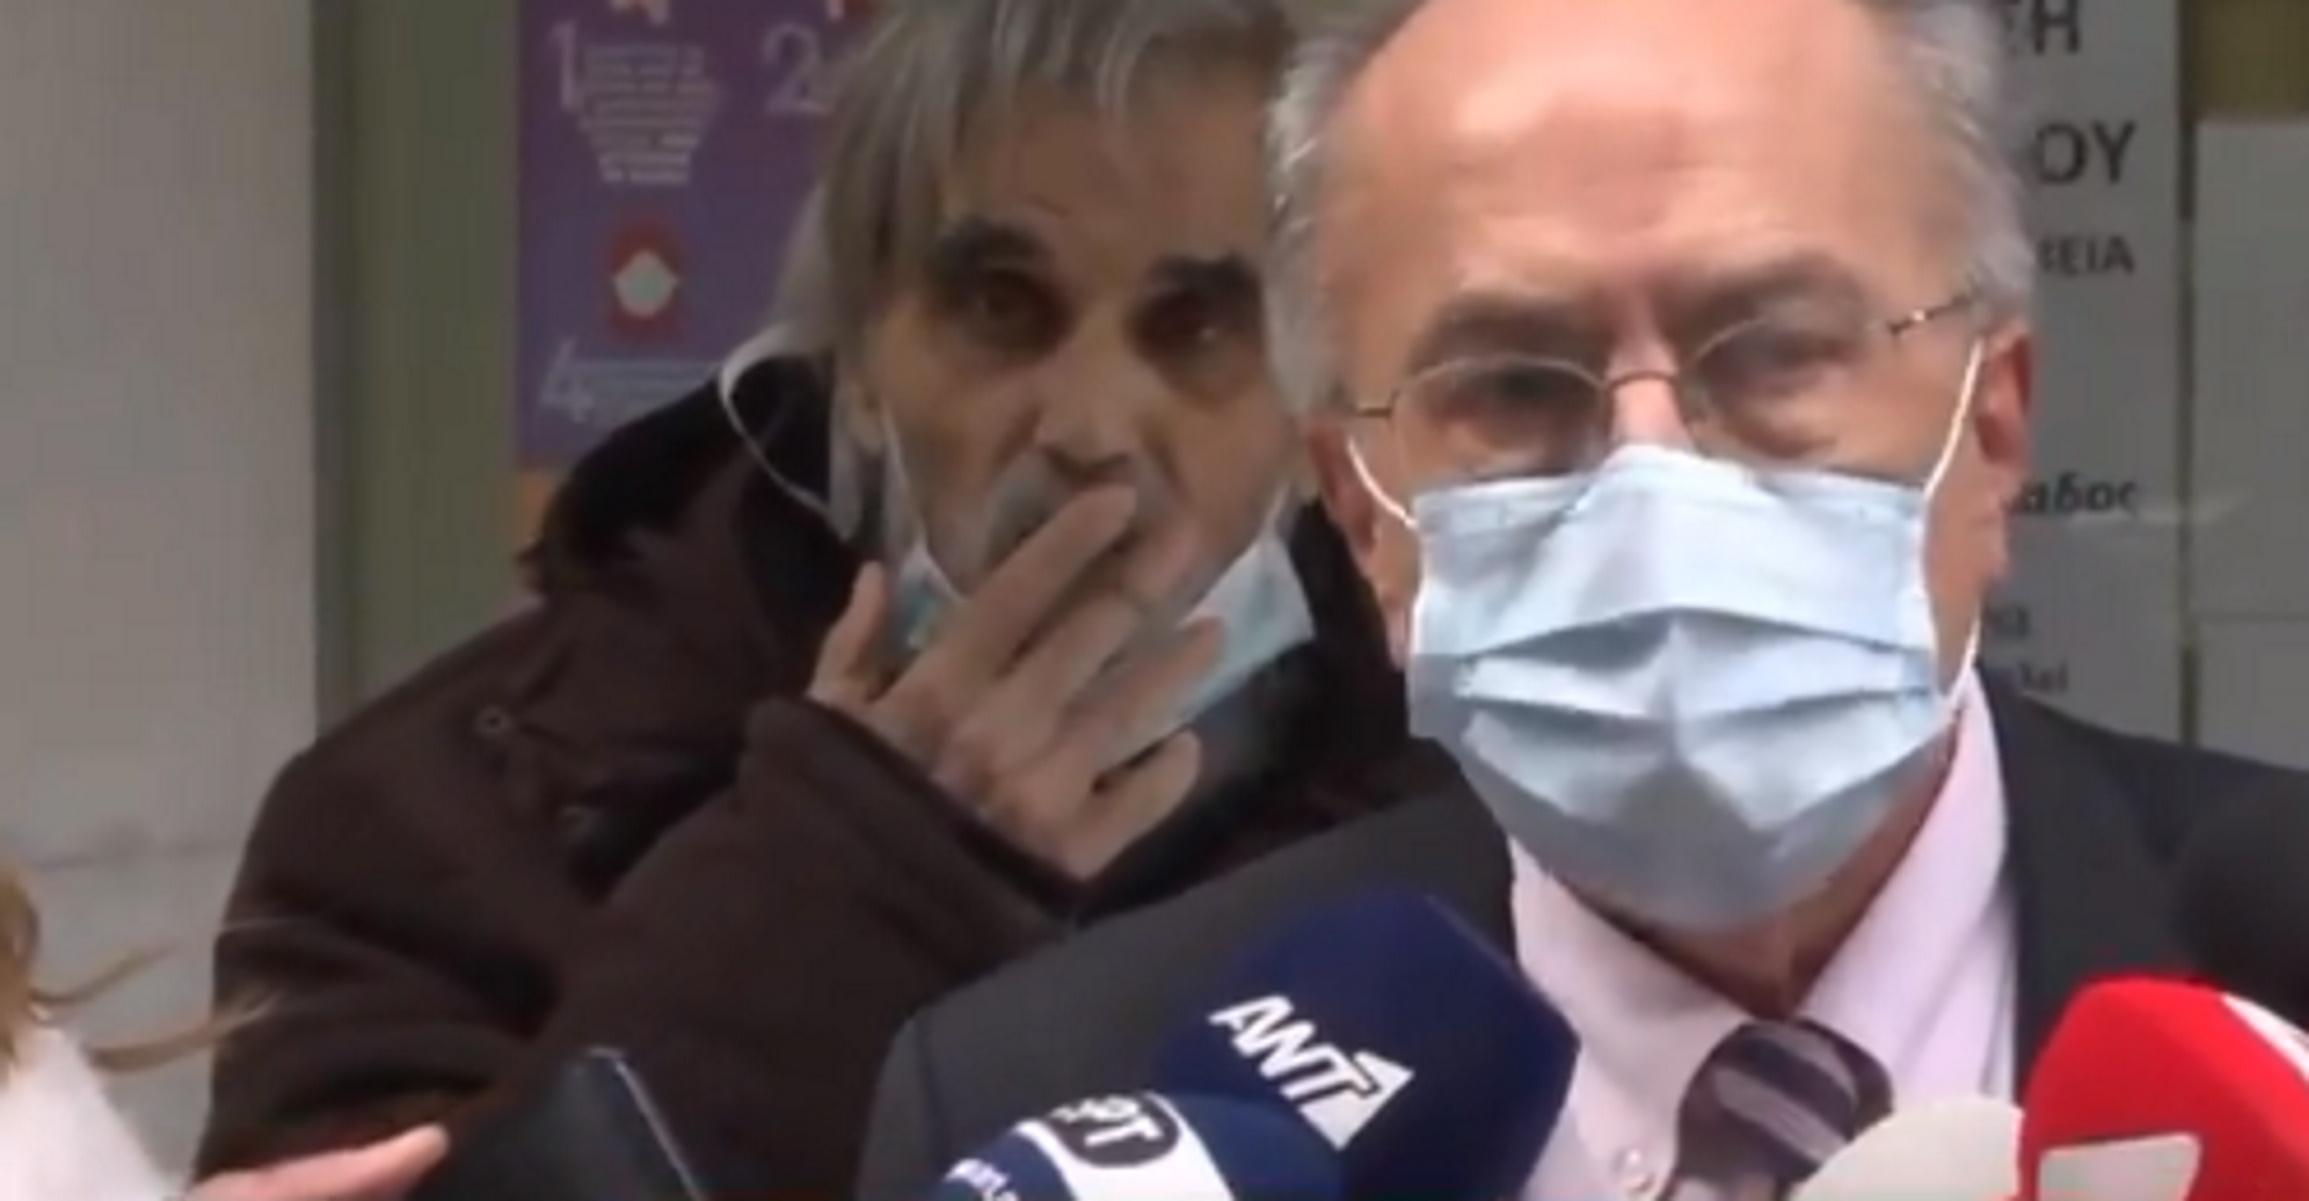 Θεριακλής φυσάει καπνό στ' αυτιά κλινικάρχη που έκανε δηλώσεις στις κάμερες (video)